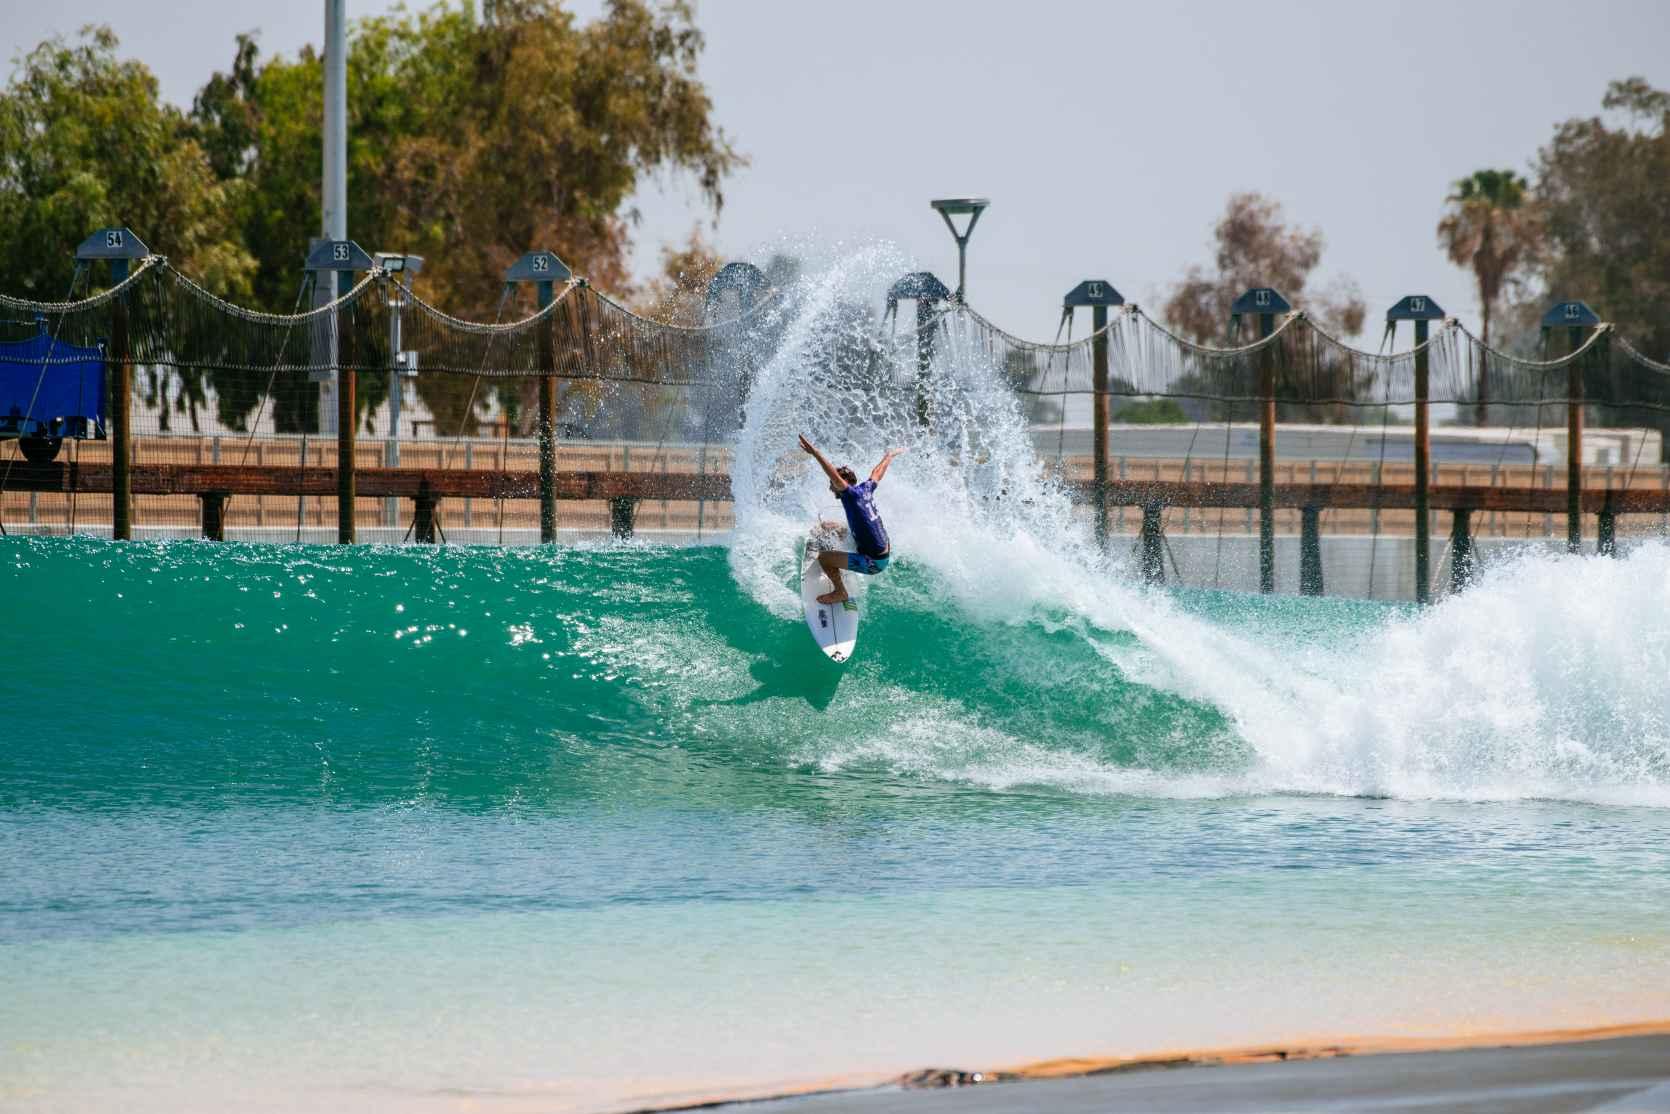 surf30 surf ranch pro 2021 wsl surf Morais F Ranch21 PNN 3258